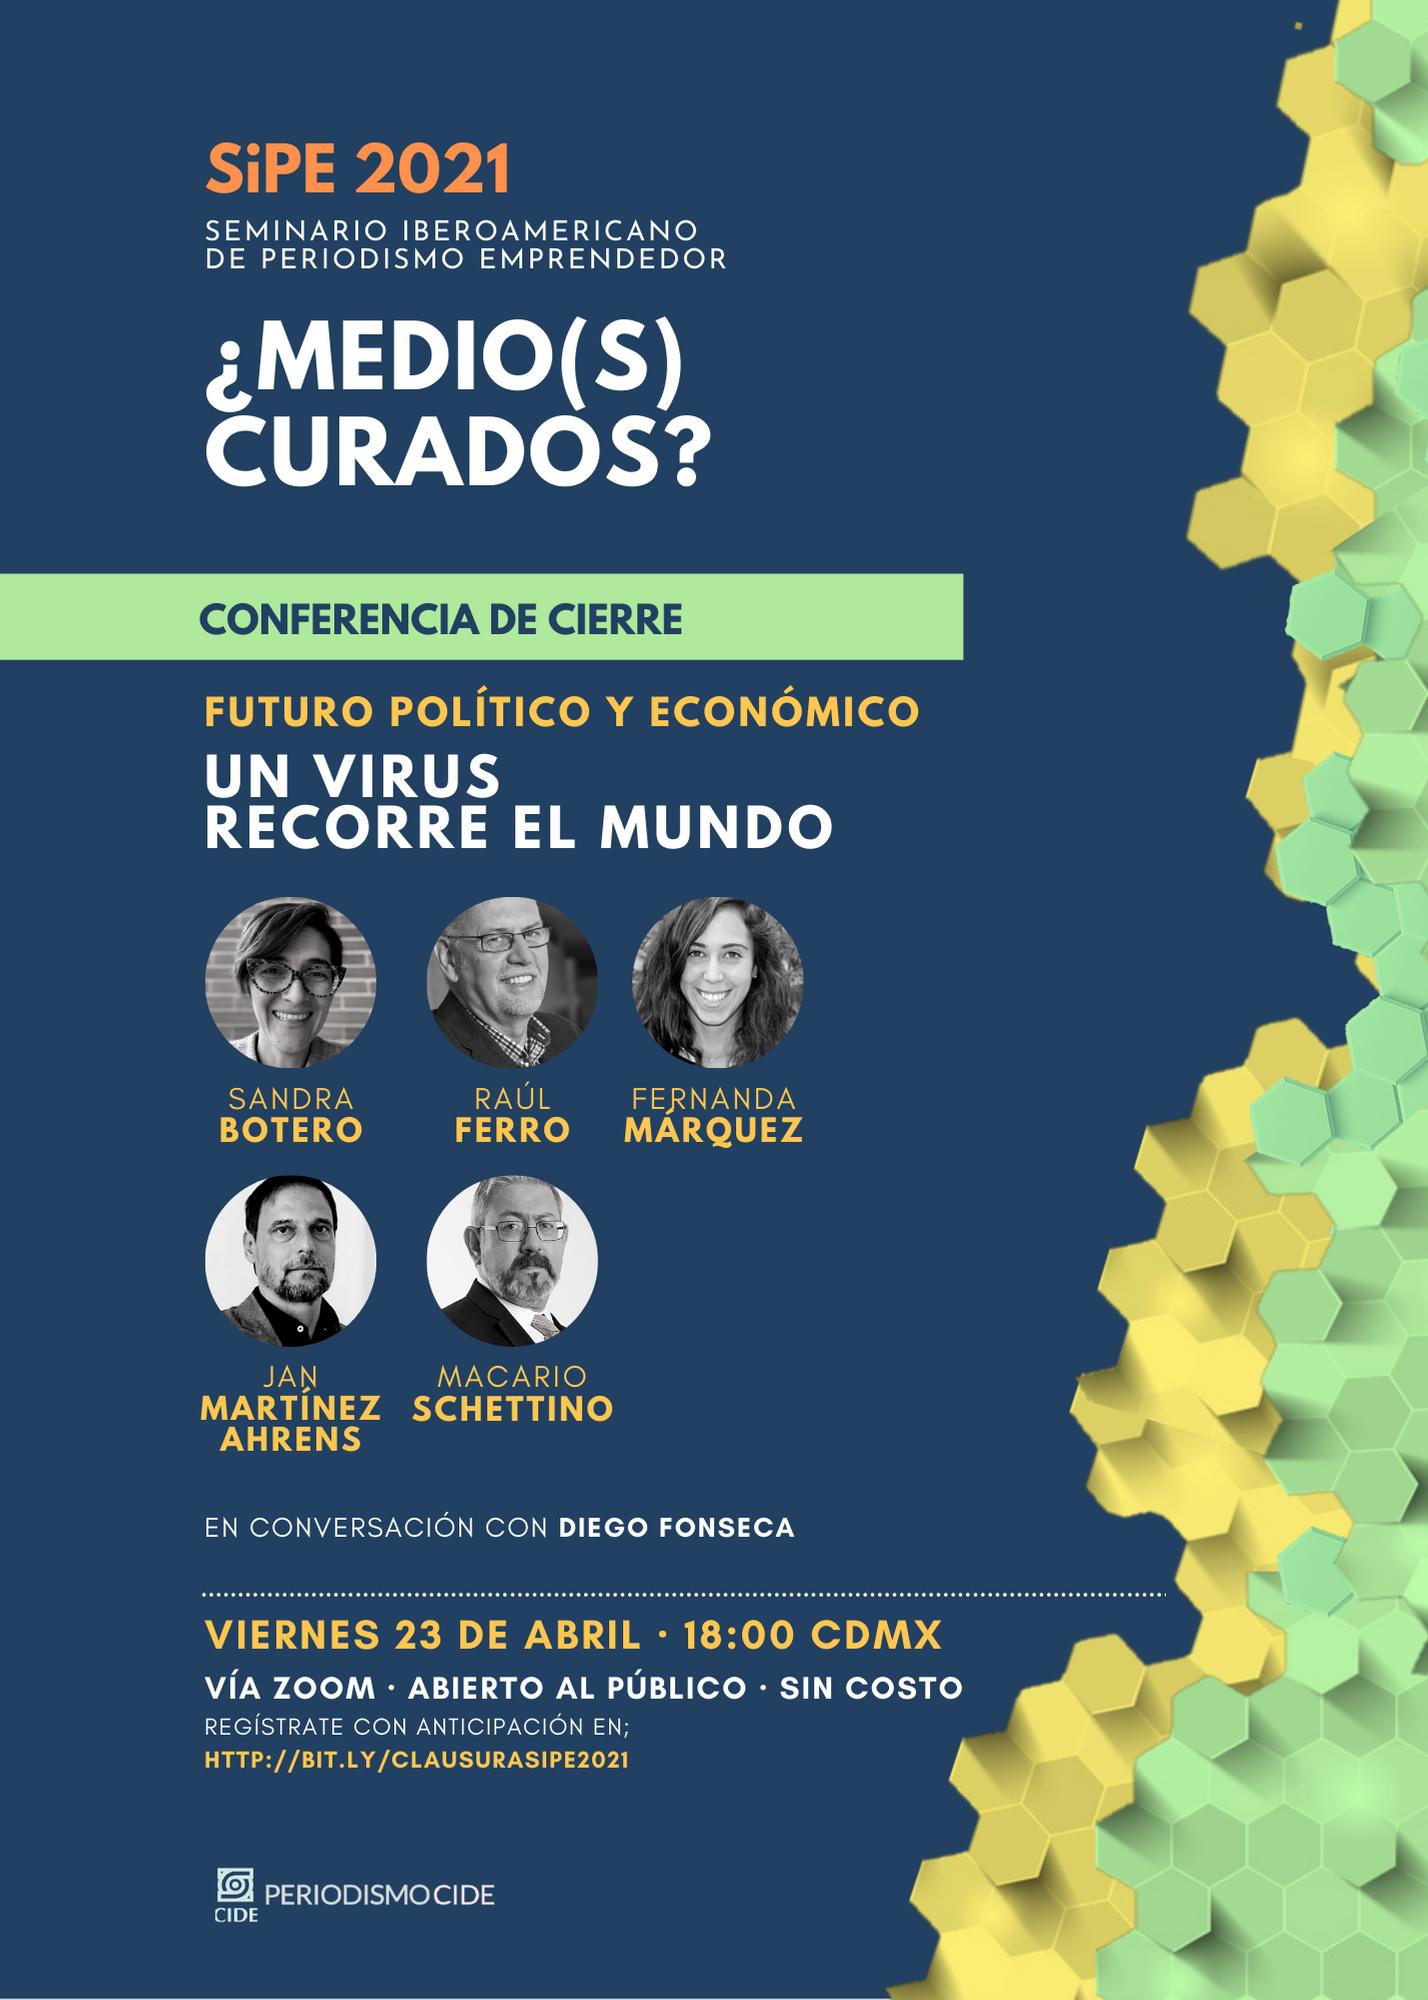 Conferencia: Un Virus Recorre el Mundo